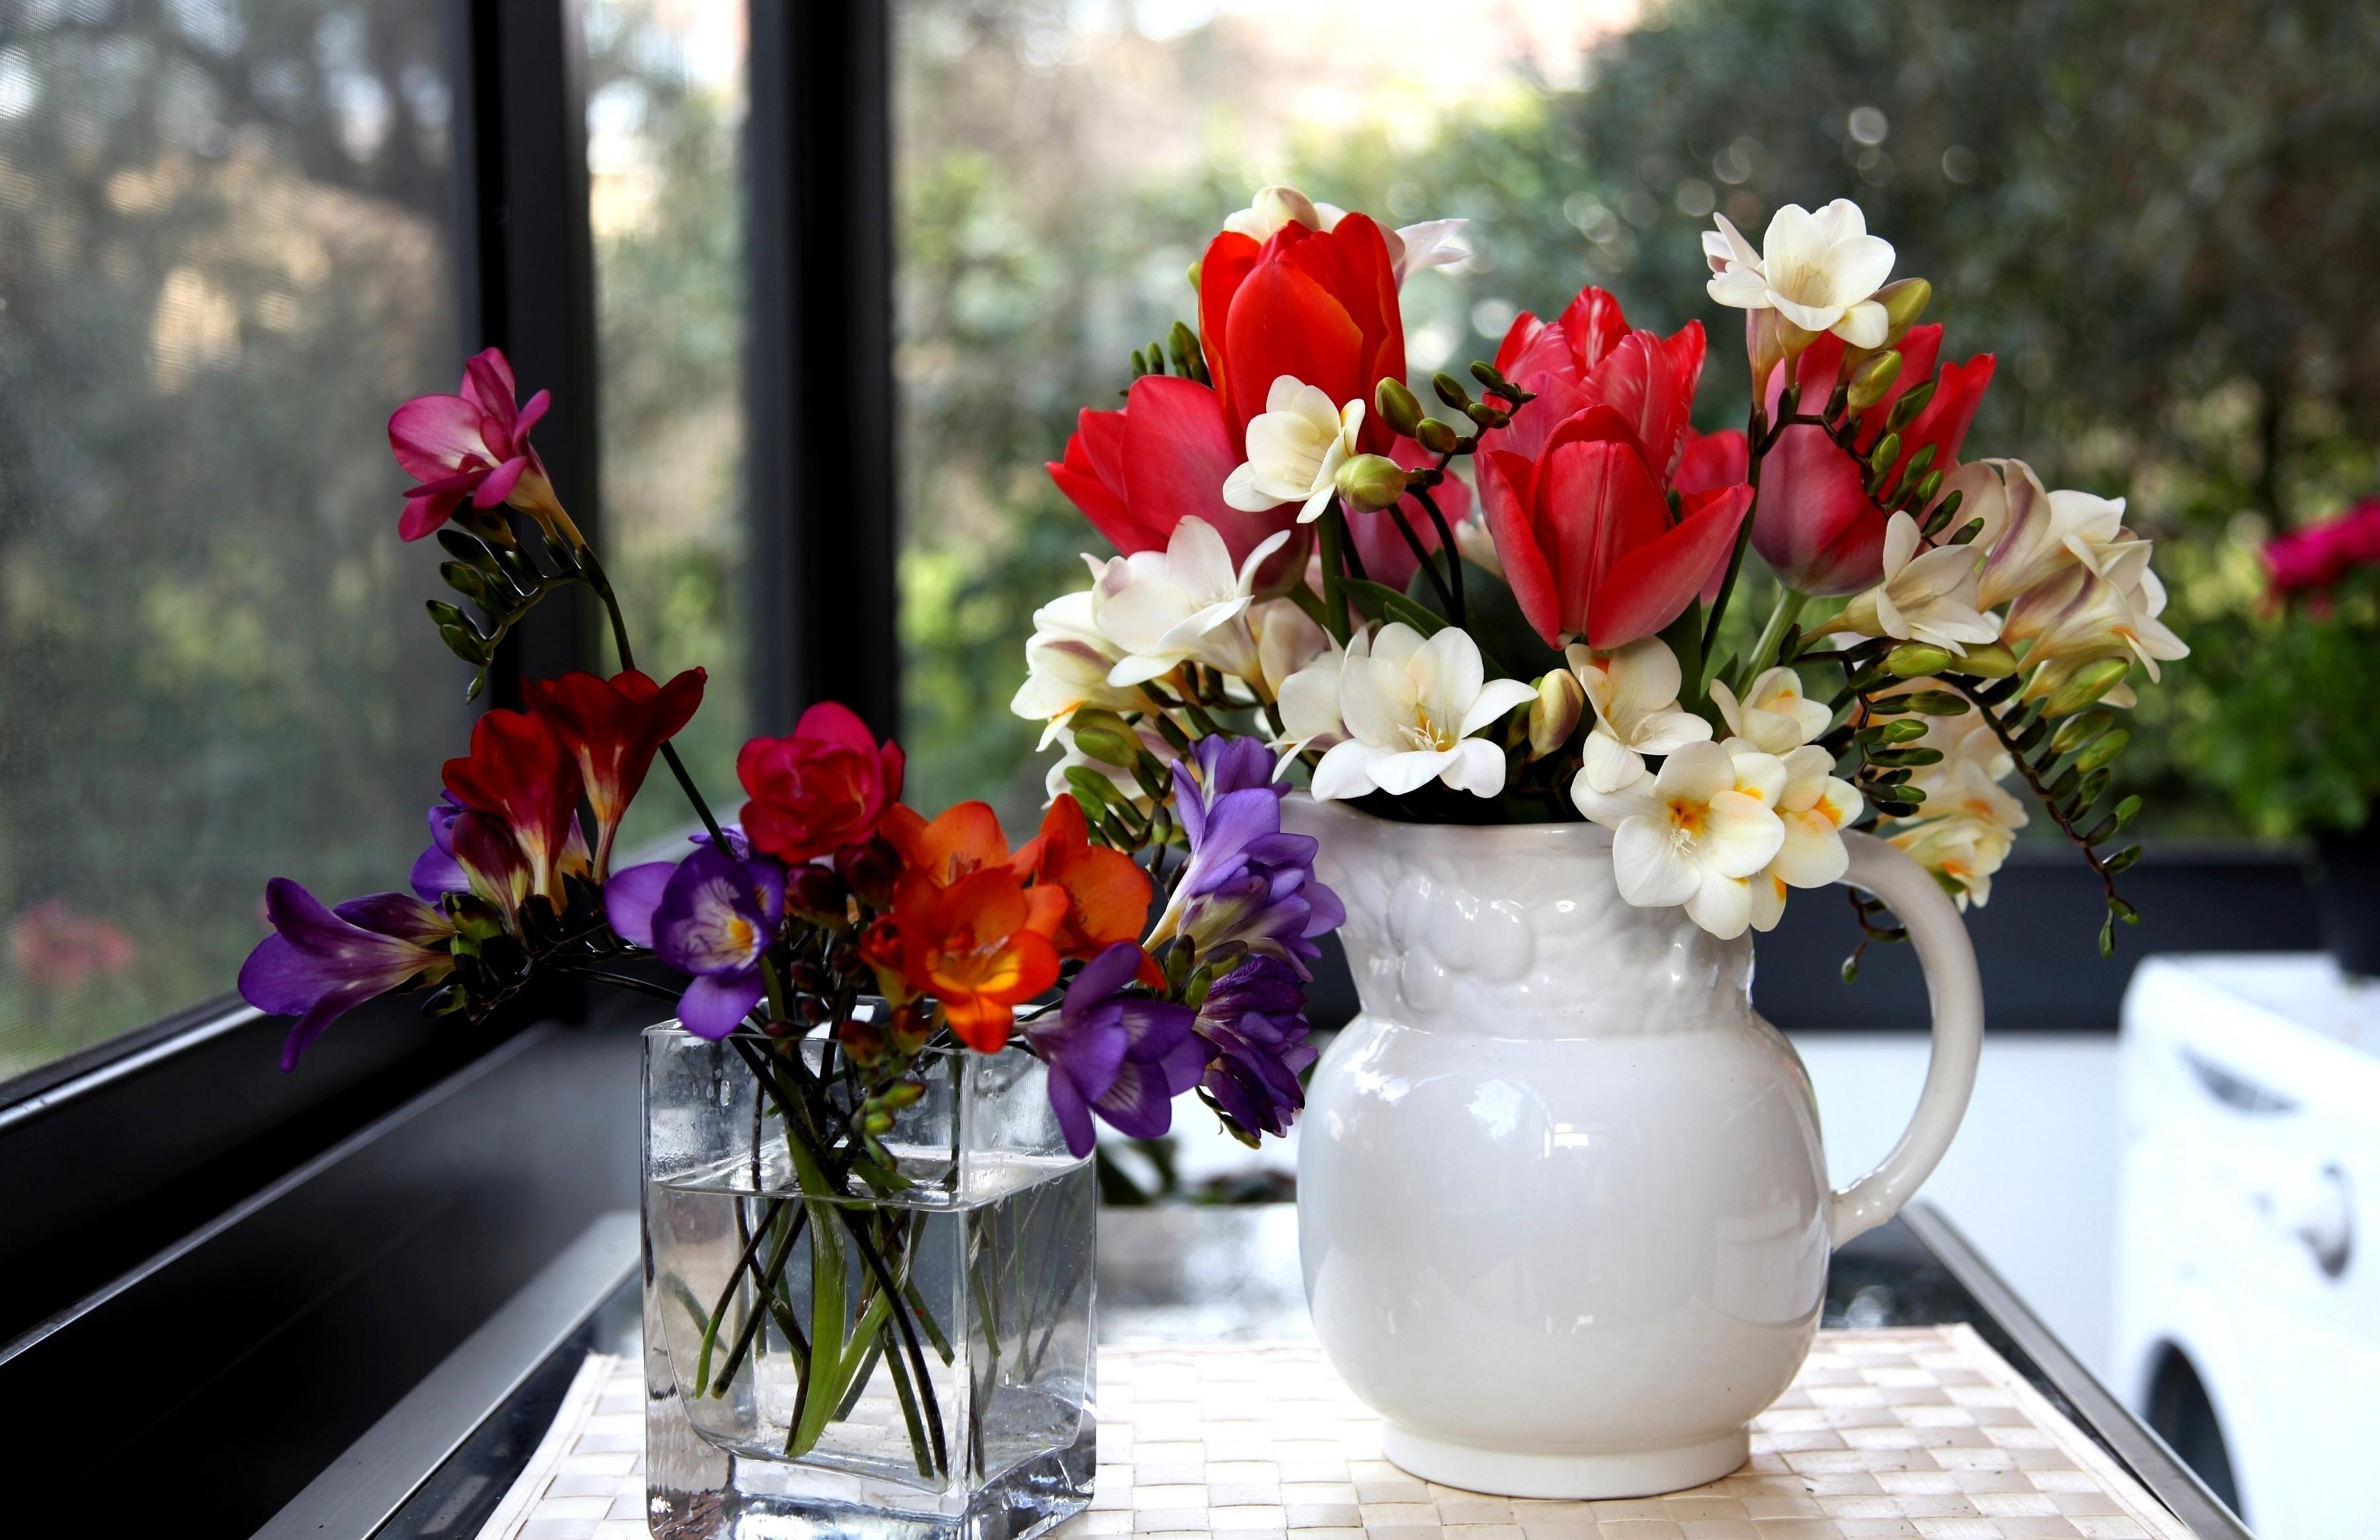 107929 descargar fondo de pantalla Flores, Fresia, Freesia, Vidrio, Jarra, Jarro, Belleza, Tulipanes: protectores de pantalla e imágenes gratis